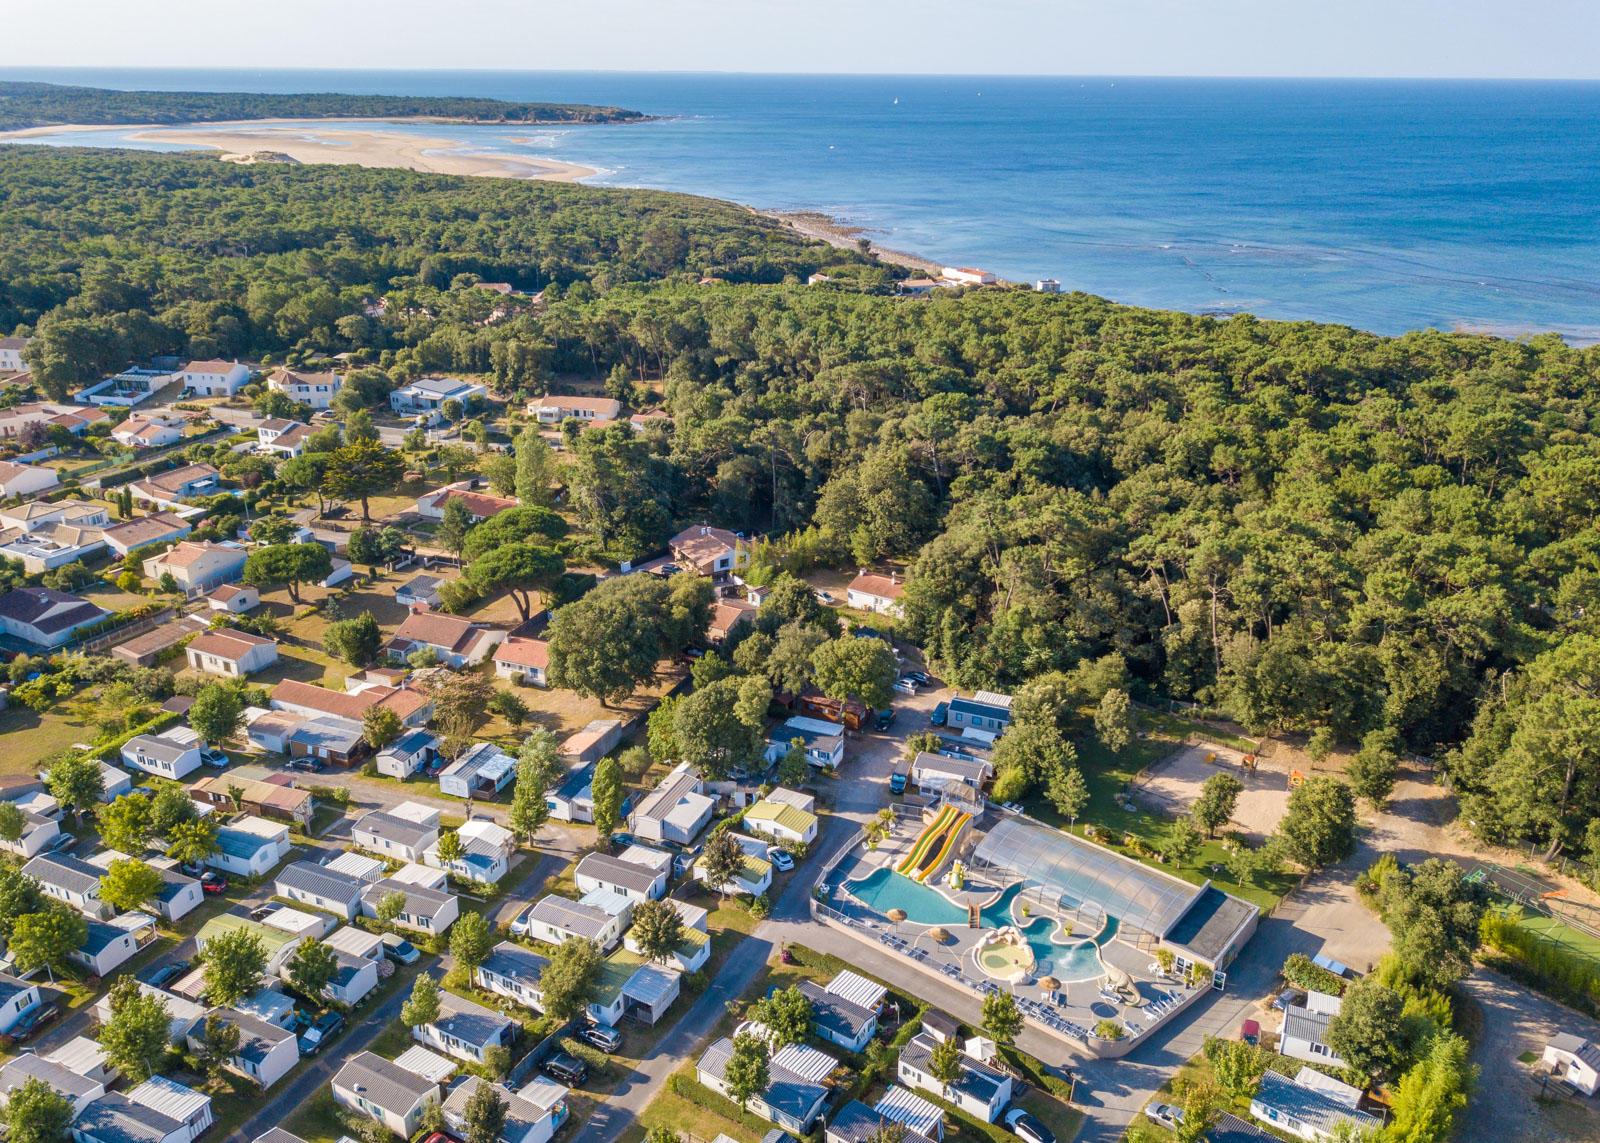 Vue aérienne du camping pas cher en Vendée